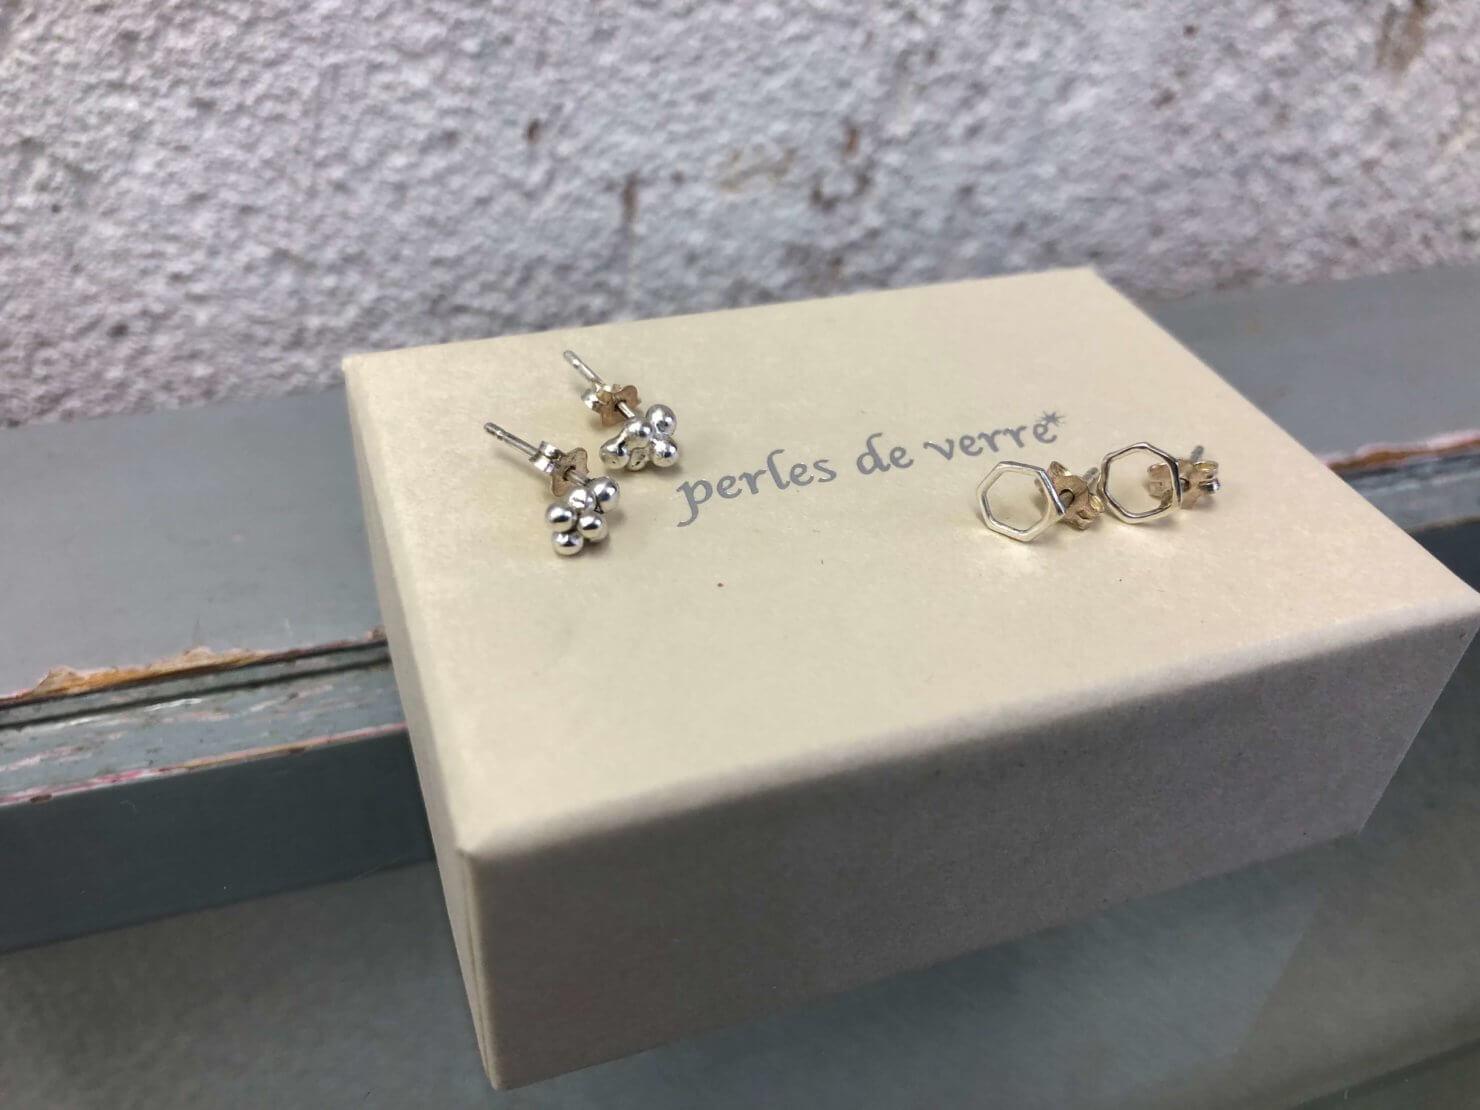 2018年12月4日入荷Perles de verreのピアス